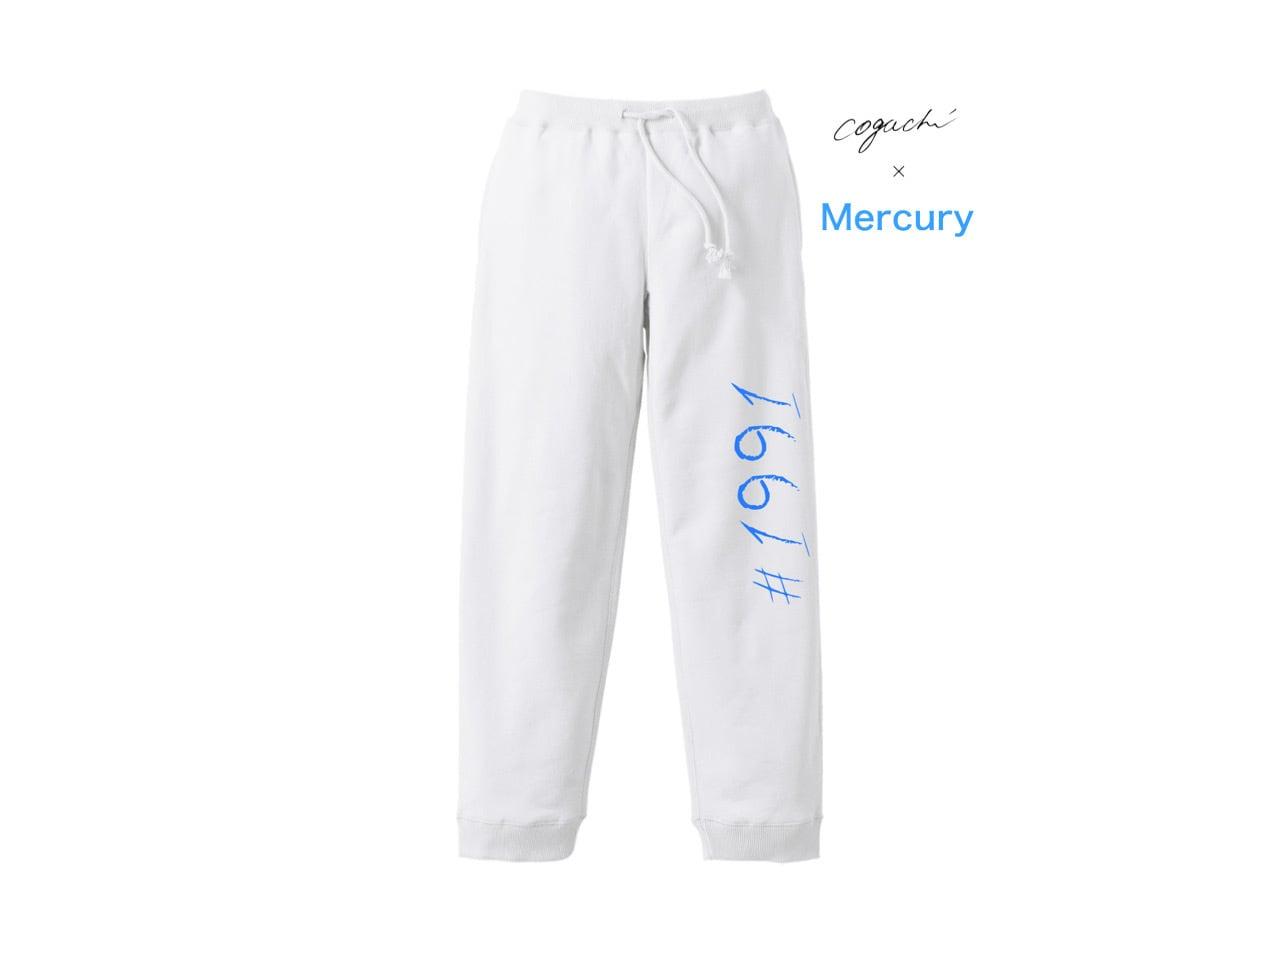 マーキュリー商事 Special Edition Collection 1991 sweat pants (WH/LBL)